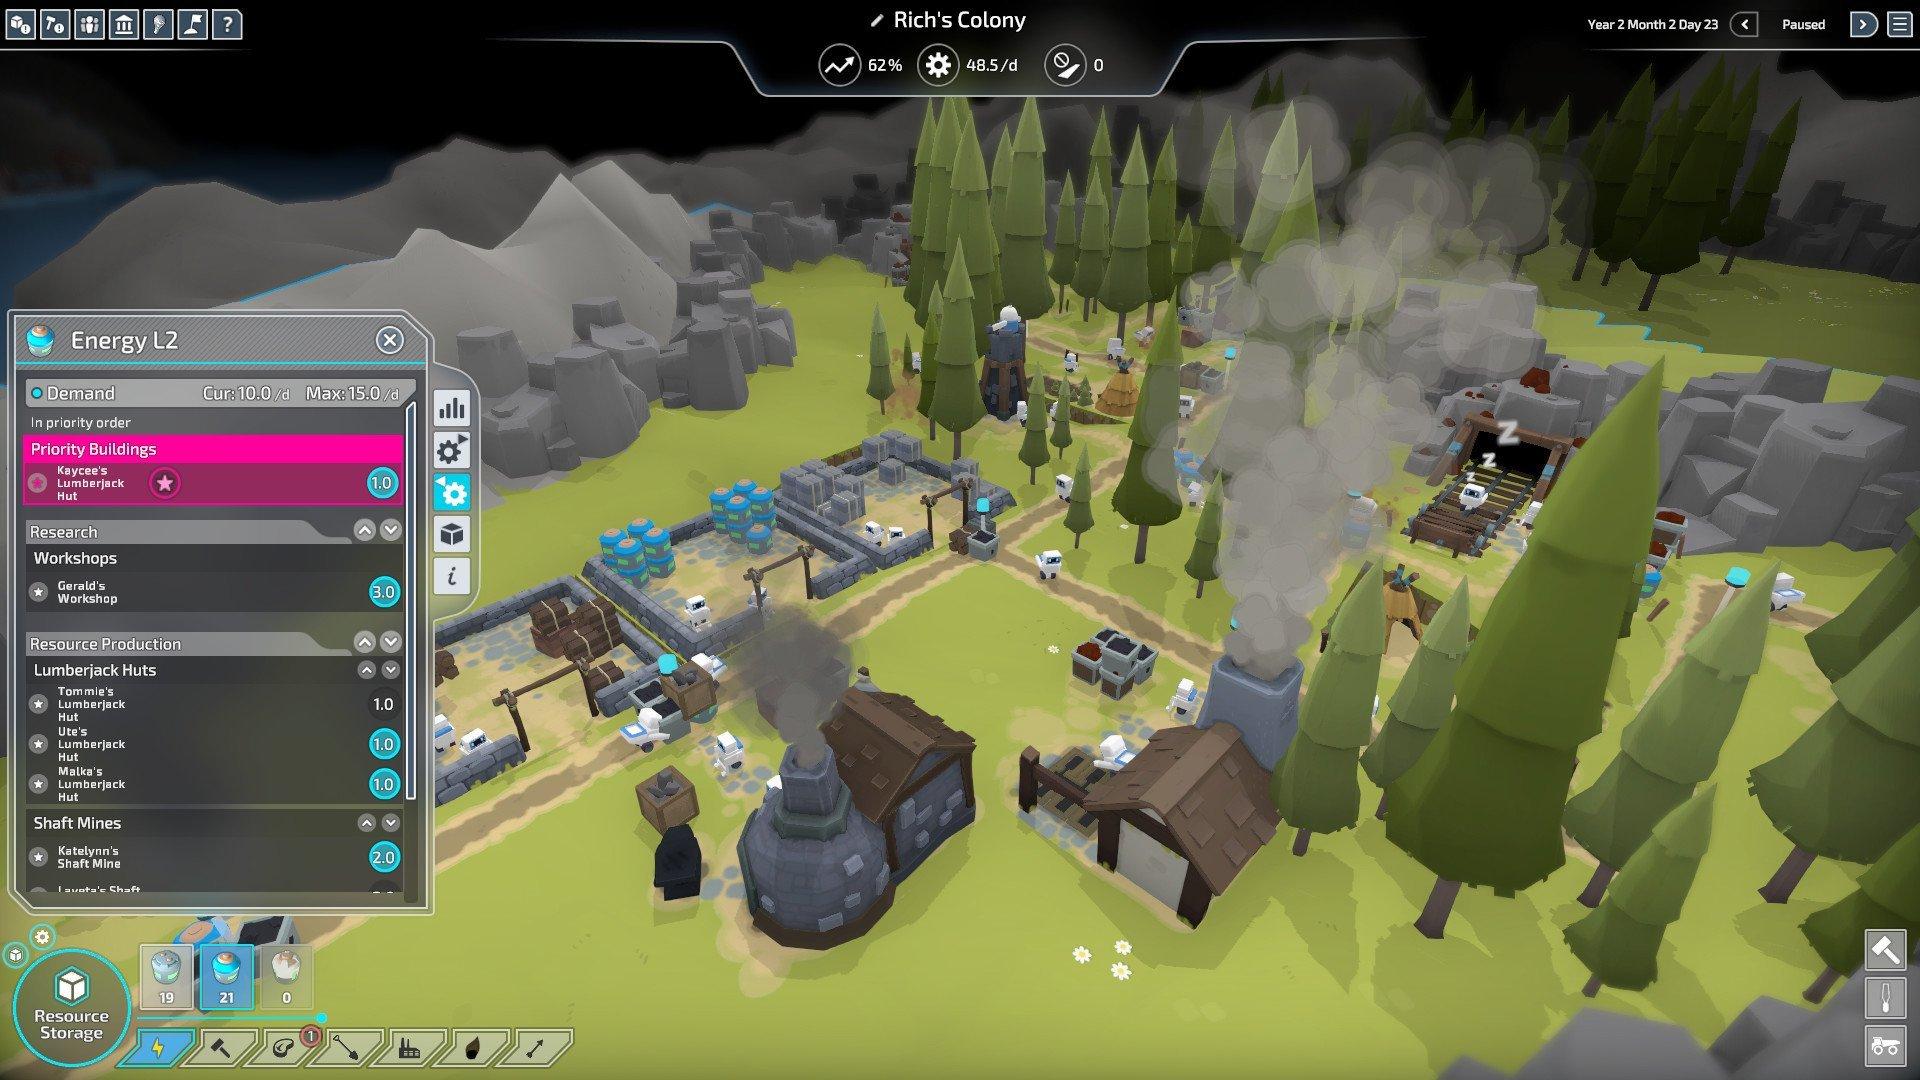 Скриншот к игре The Colonists v.1.5.10.1 [GOG] (2018) скачать торрент Лицензия